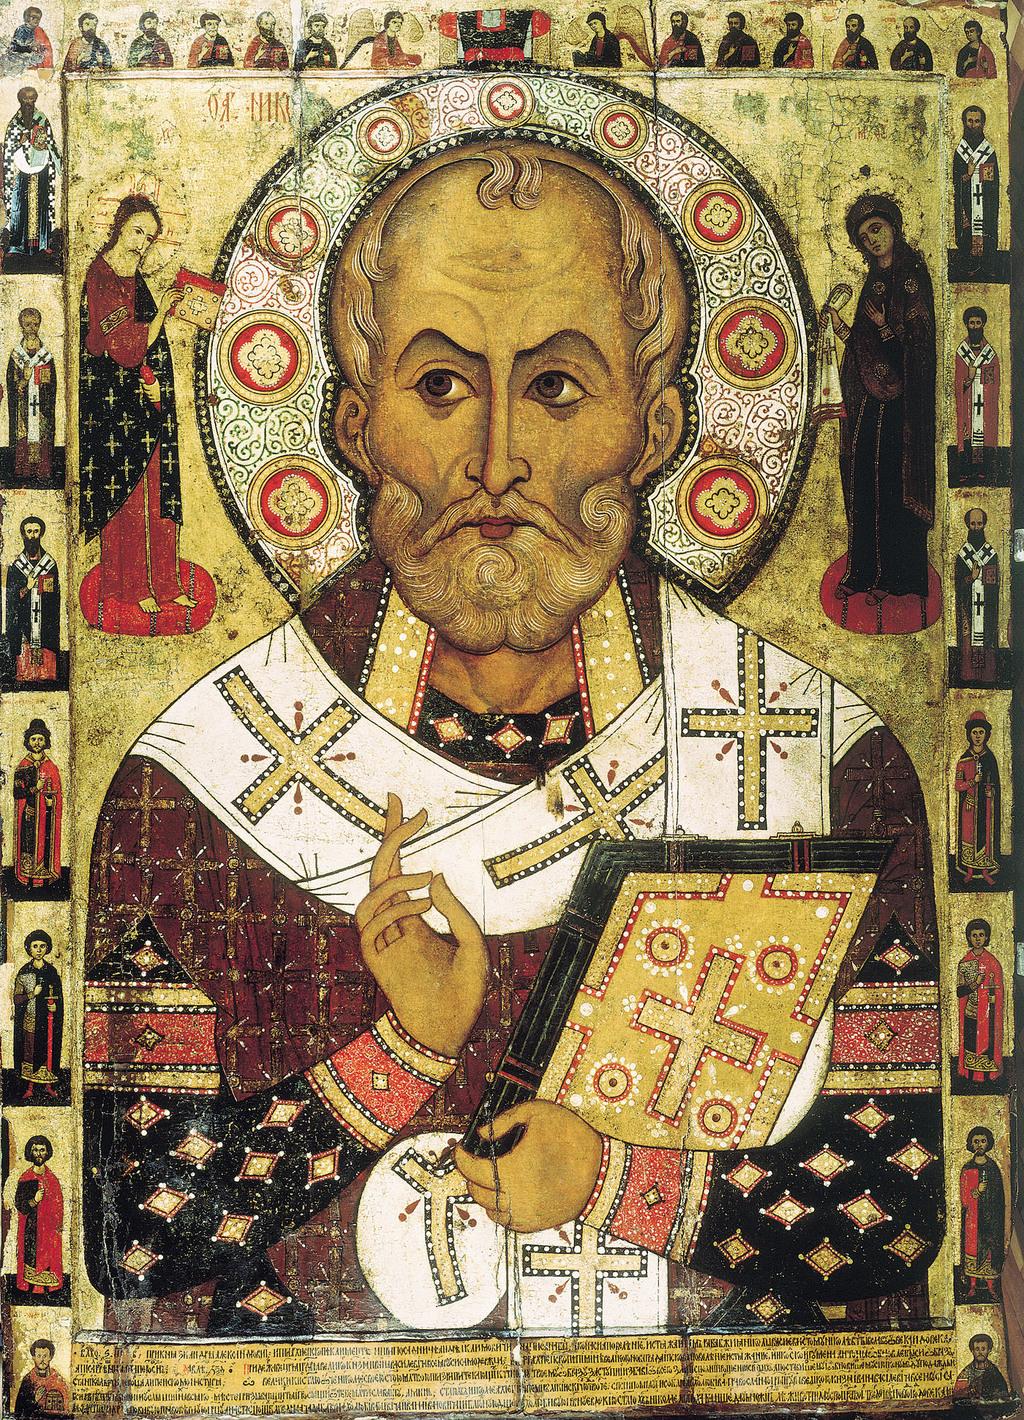 A püspök orosz földön készült, kiemelkedő művészi színvonalú, korai, híres ábrázolása az 1294-es Szent Miklós-ikon, mely a Novgorod melletti Lipenszkij-monostor Szent Miklós-templomából származik #moszkvater